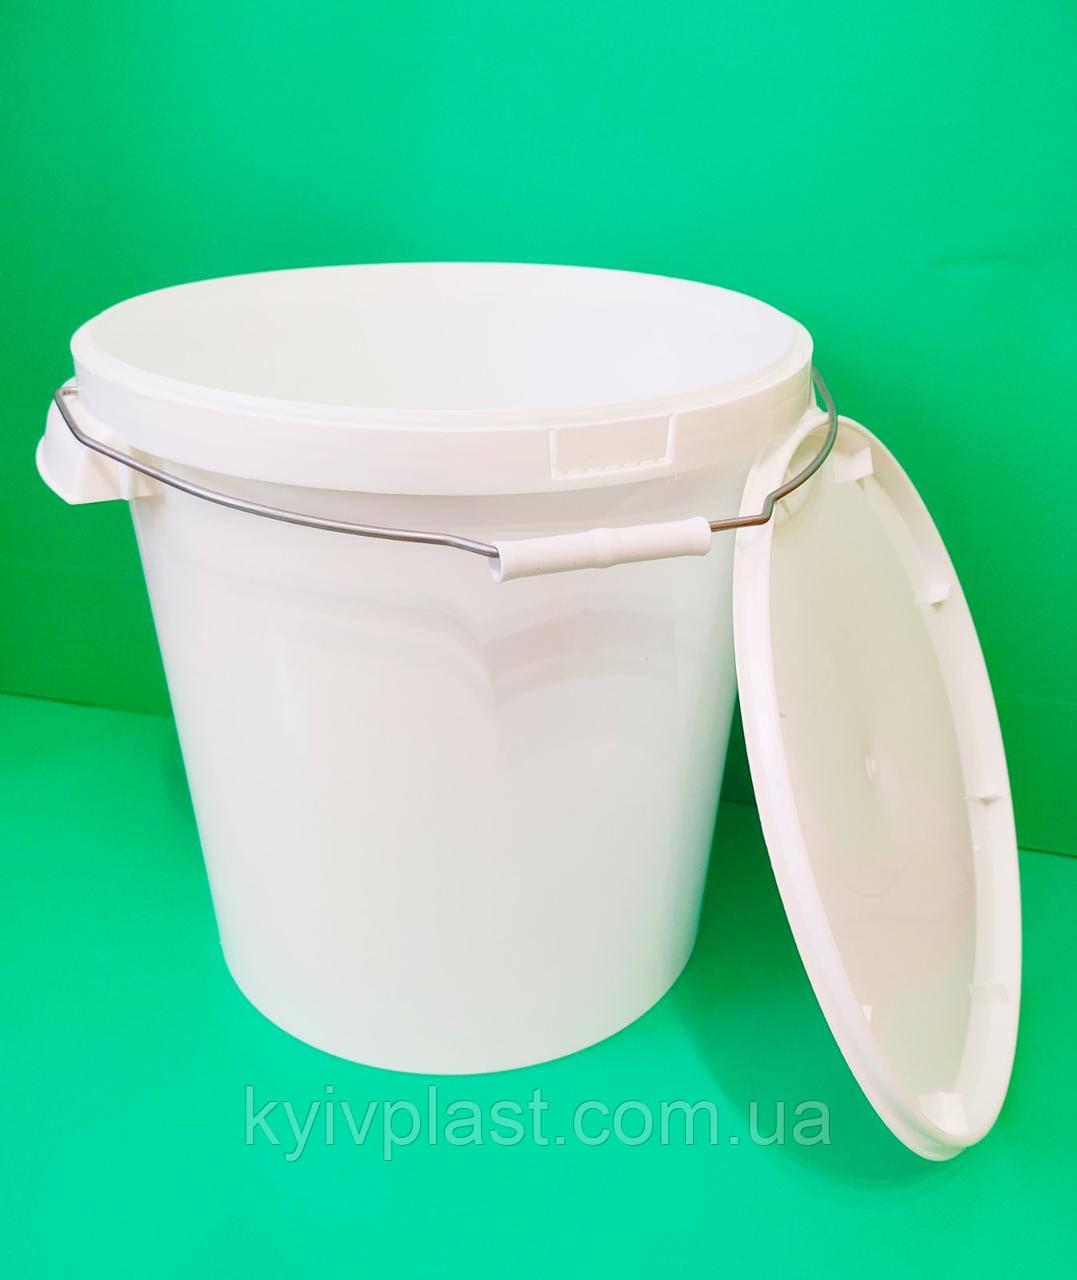 Ведро пластиковое 20 л пищевое белое с металлической ручкой